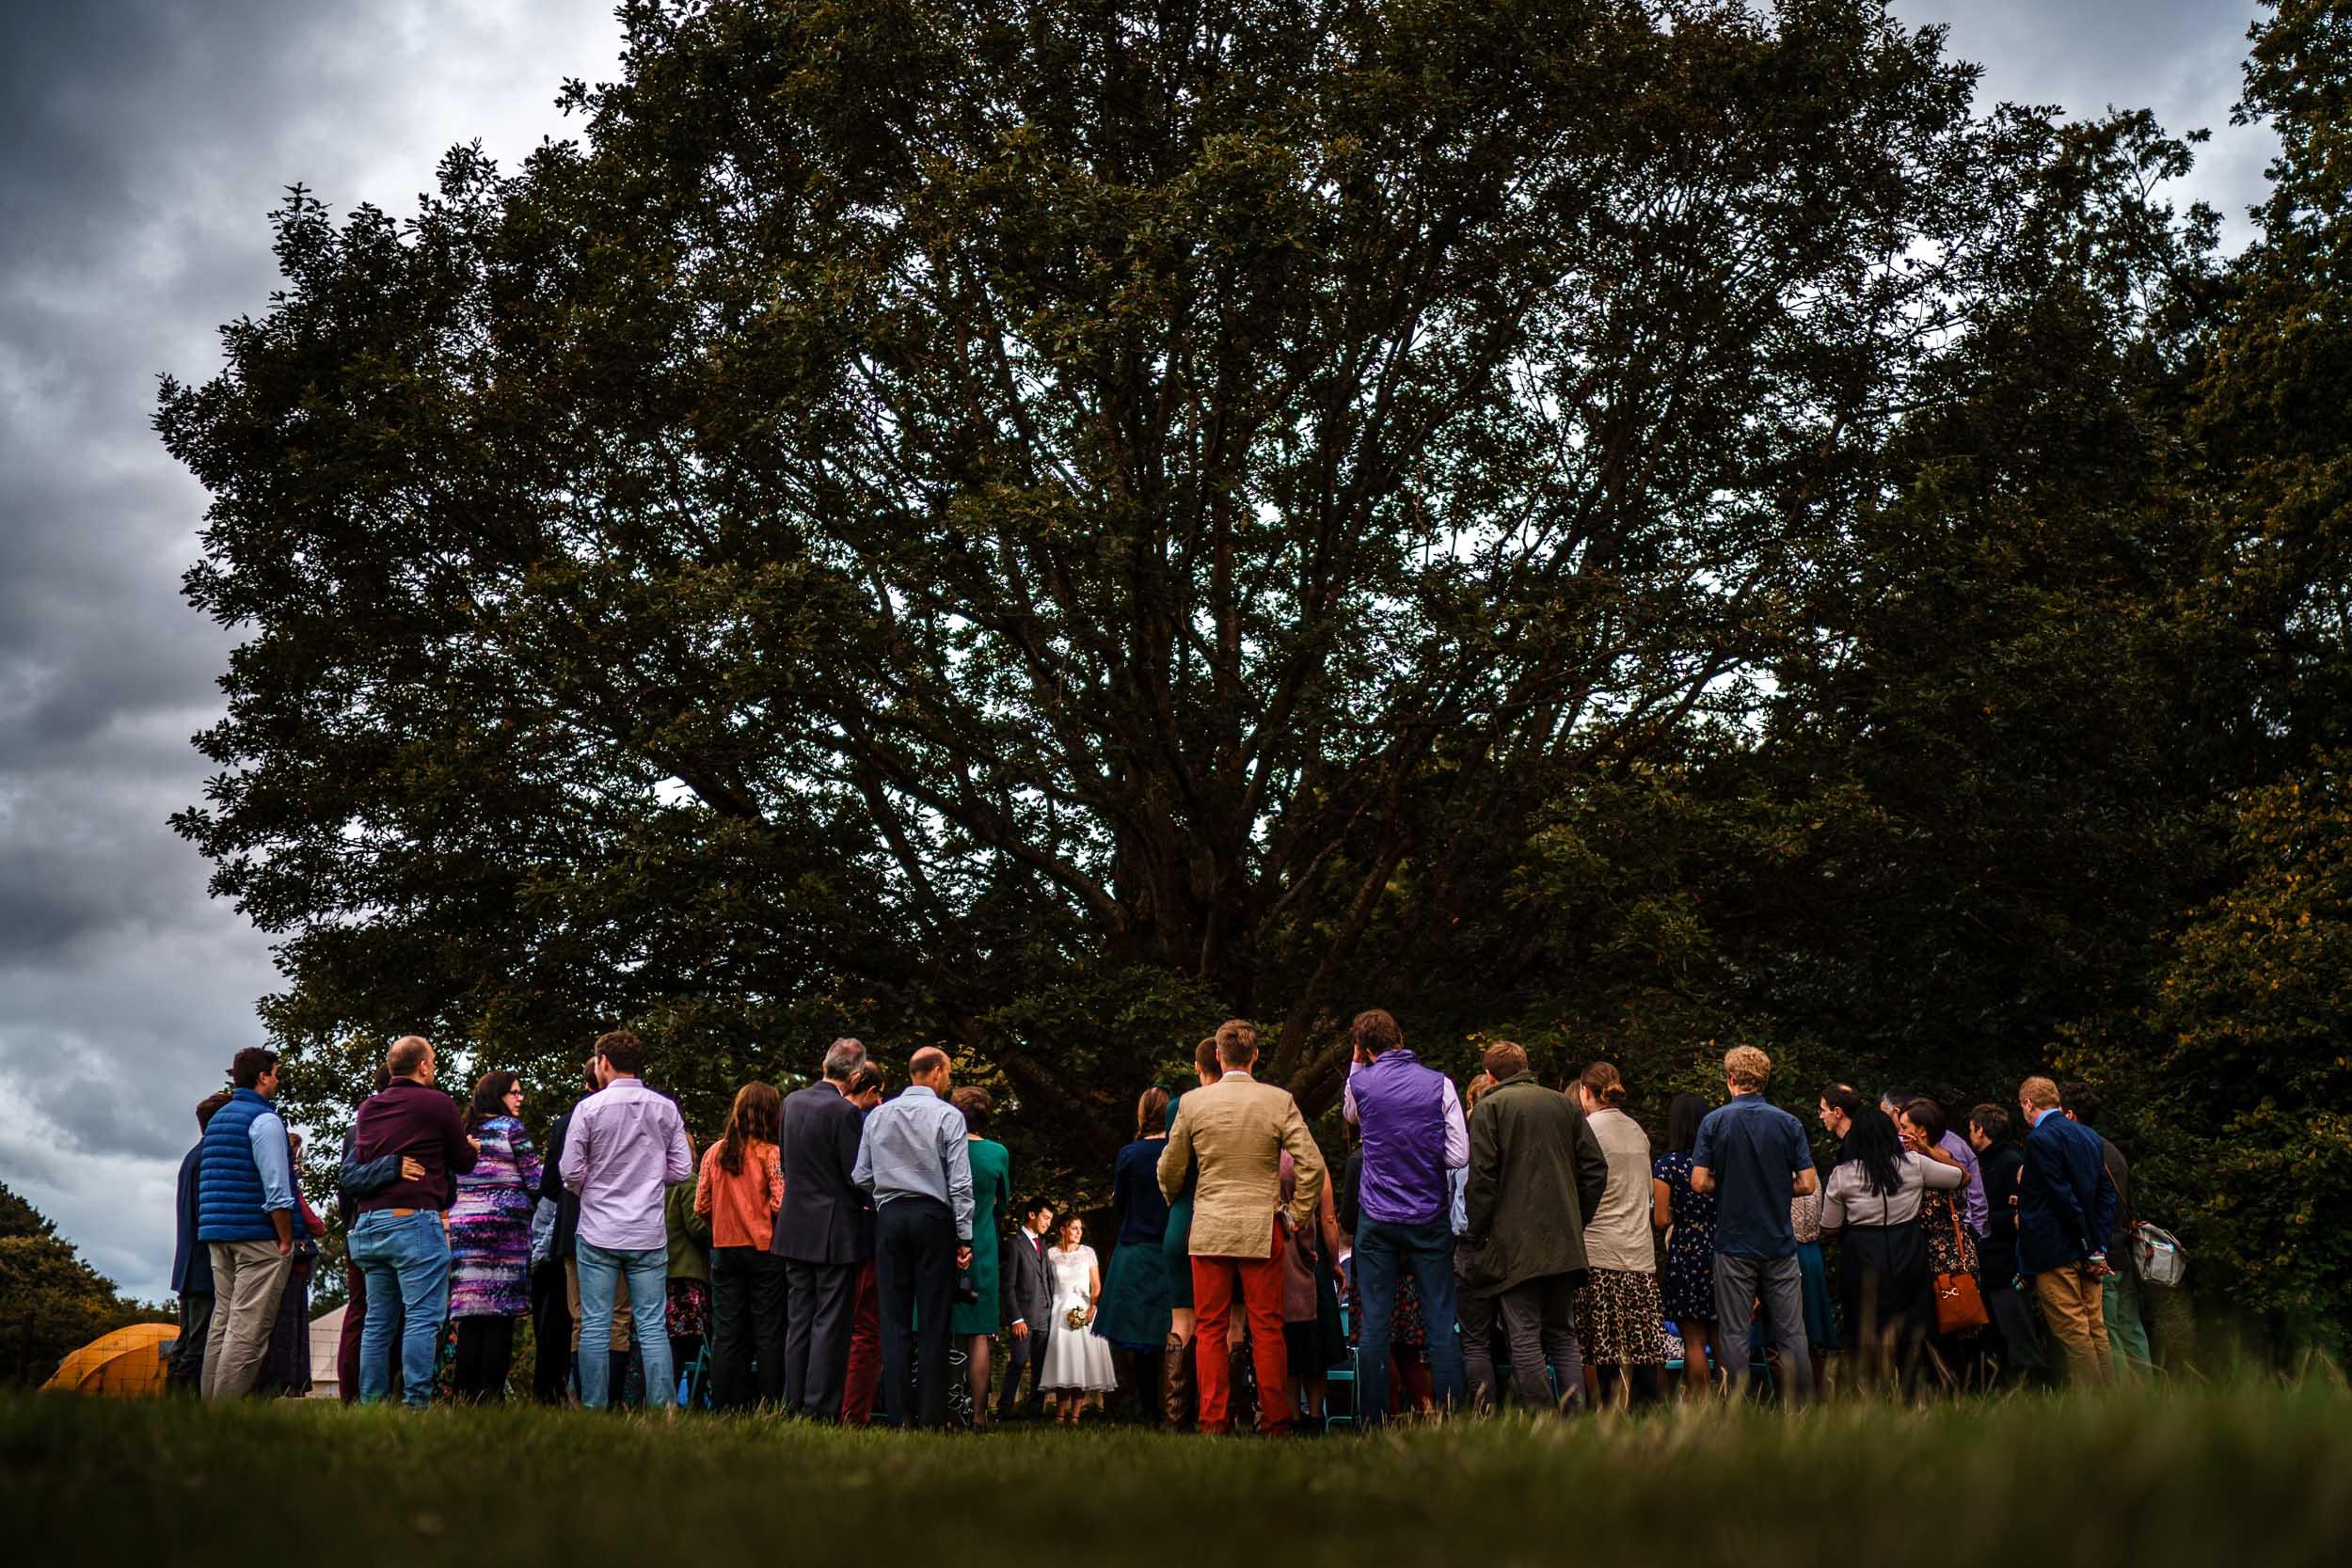 Bespoke by Nature wedding photographer - Herefordshire Wedding